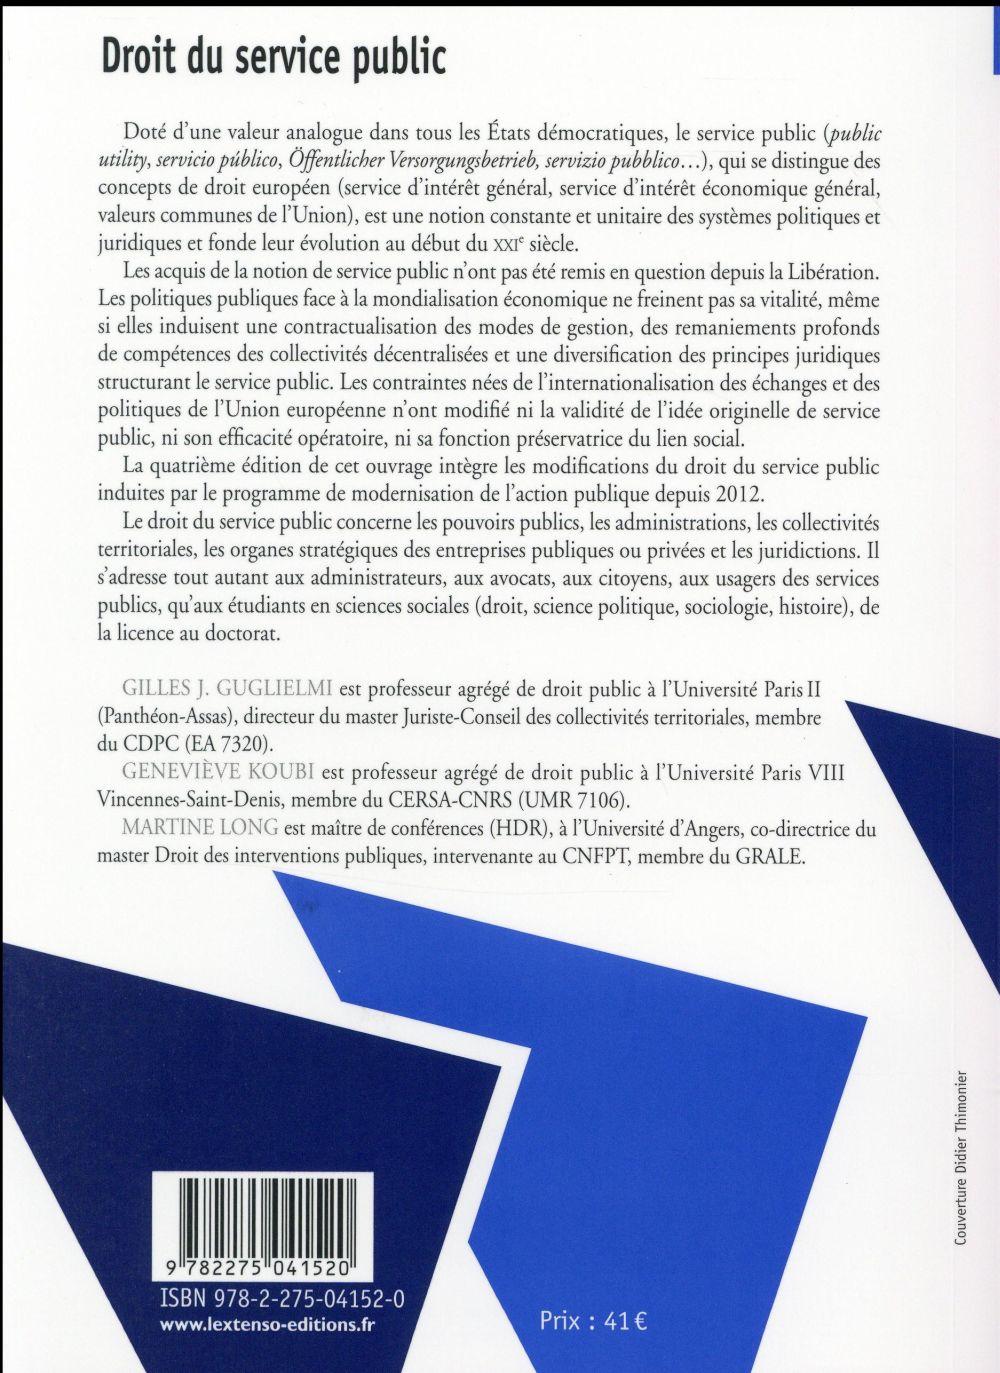 droit du service public (4e édition)